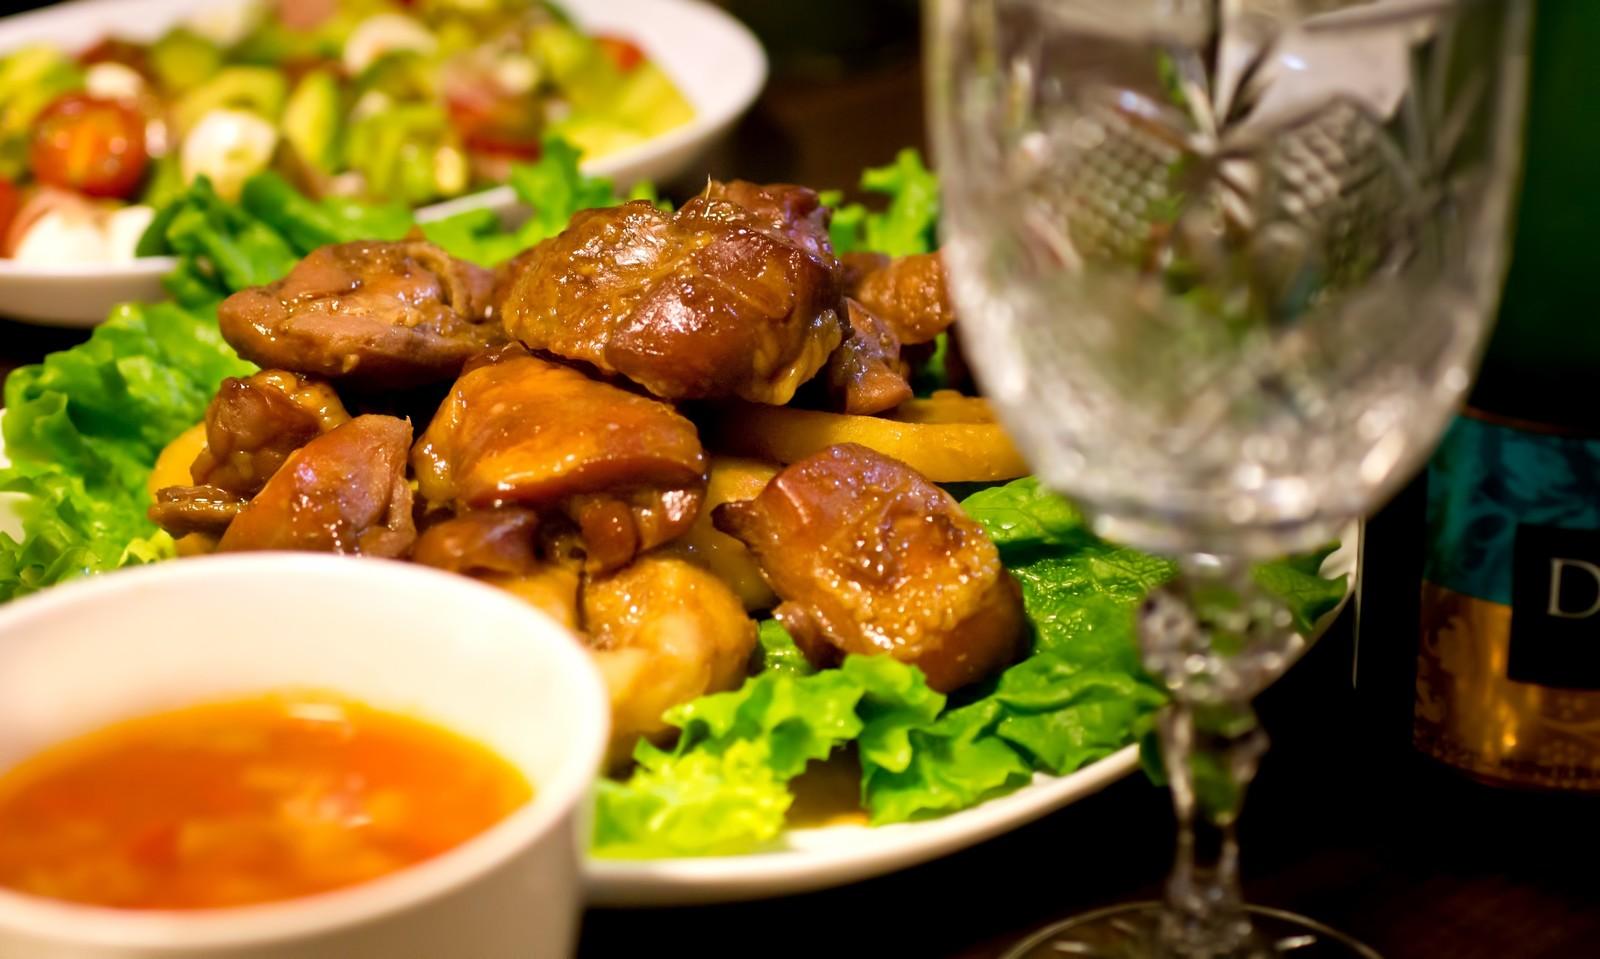 恵比寿で肉を食べるならココがおすすめ!ランチに人気の安い店や熟成肉もあり!